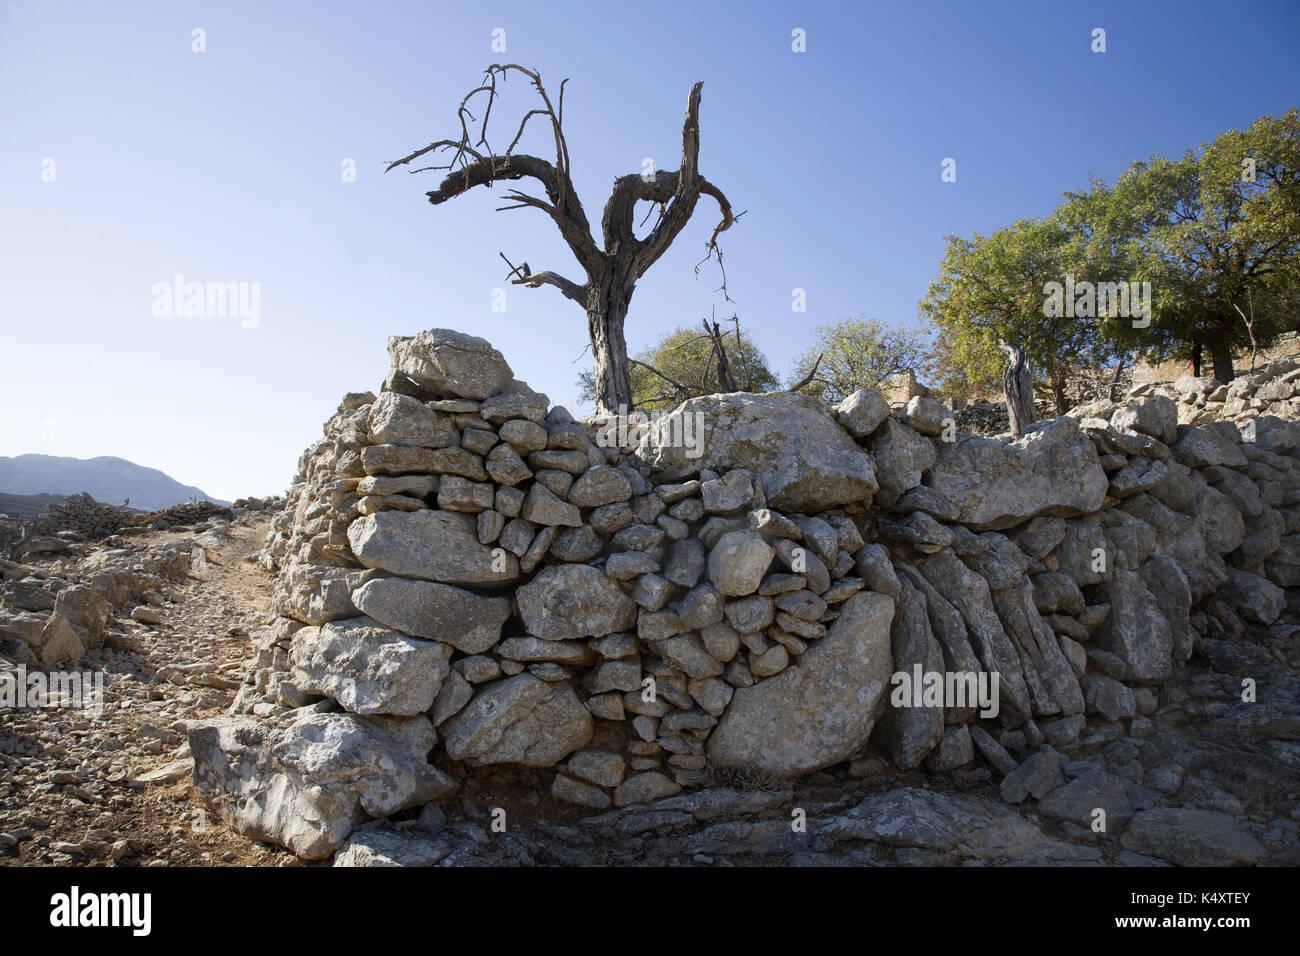 Dead Olive Tree in dem verlassenen Dorf mikro Horio, Tilos, Griechenland Stockbild